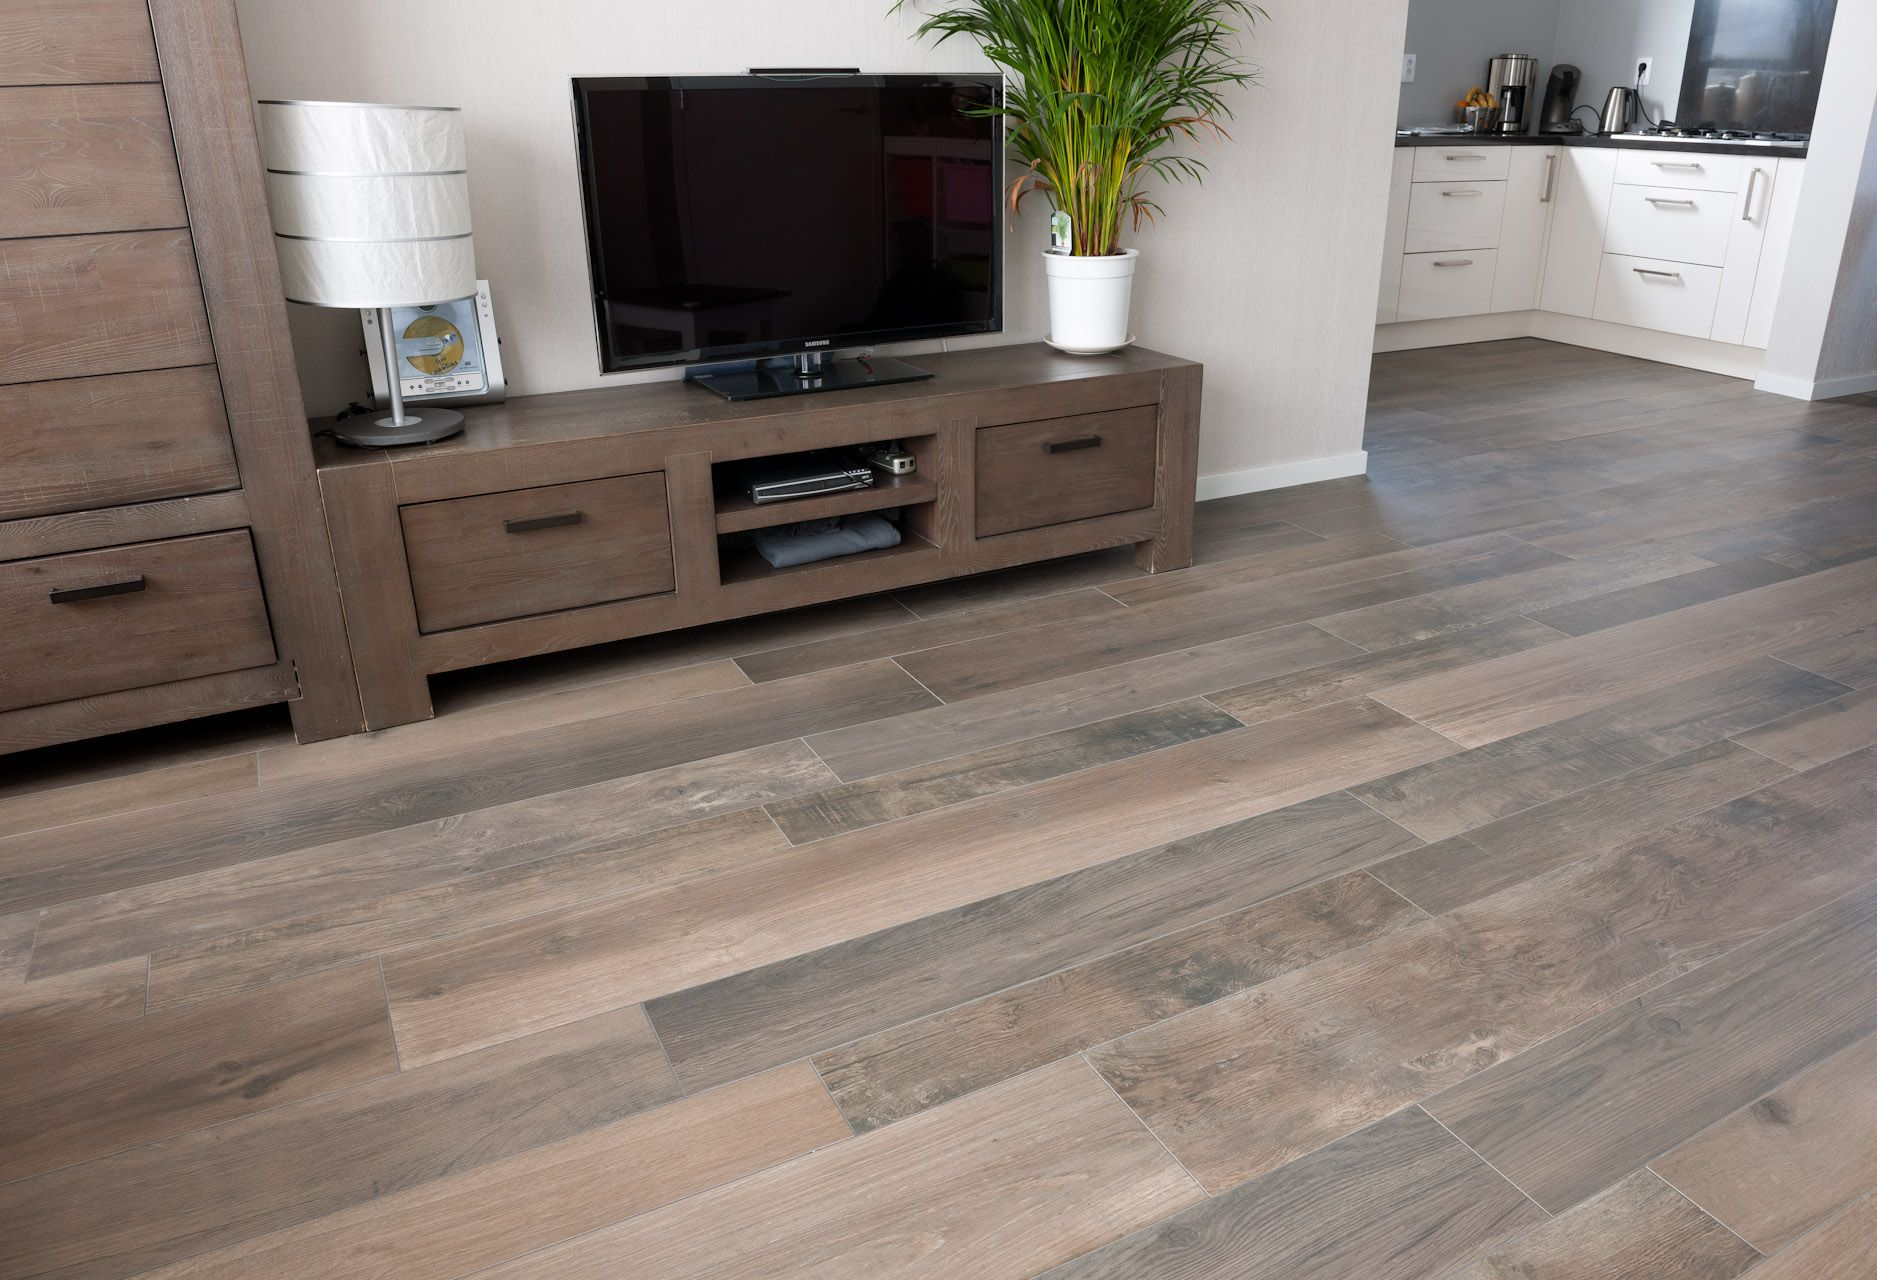 Vloertegels houtlook keramisch parket woonkamer tegels Woonkamer tegels